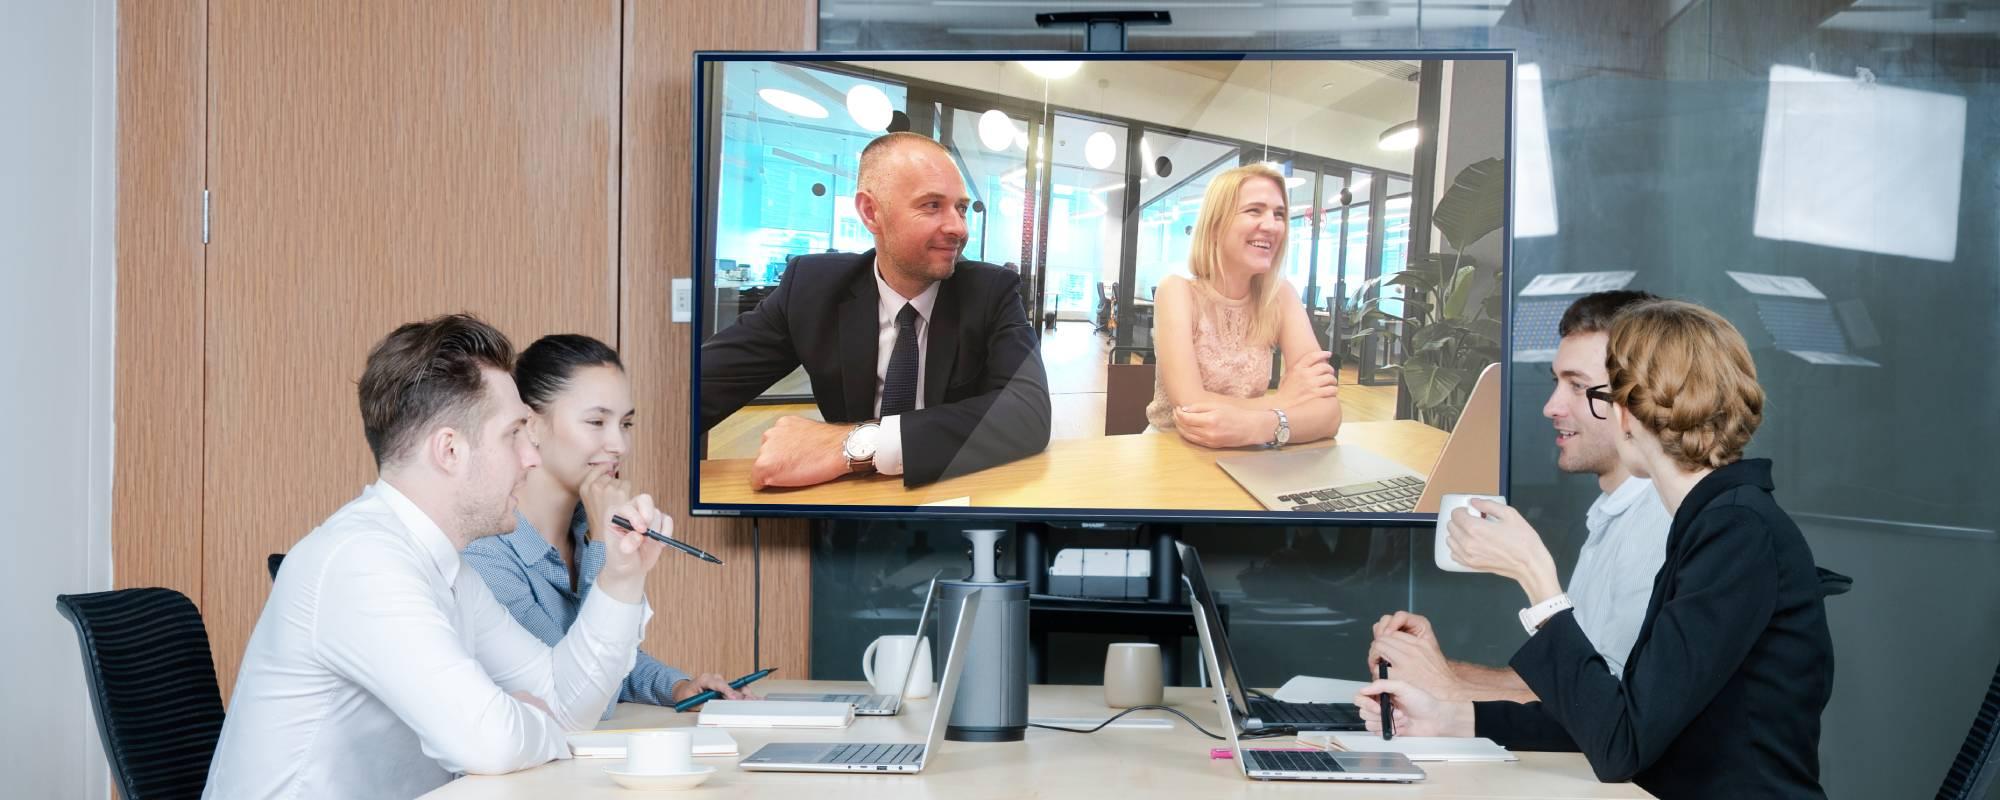 Sześć osób uczestniczących w wideokonferencji za pomocą kamery konferencyjnej Kandao Meeting 360